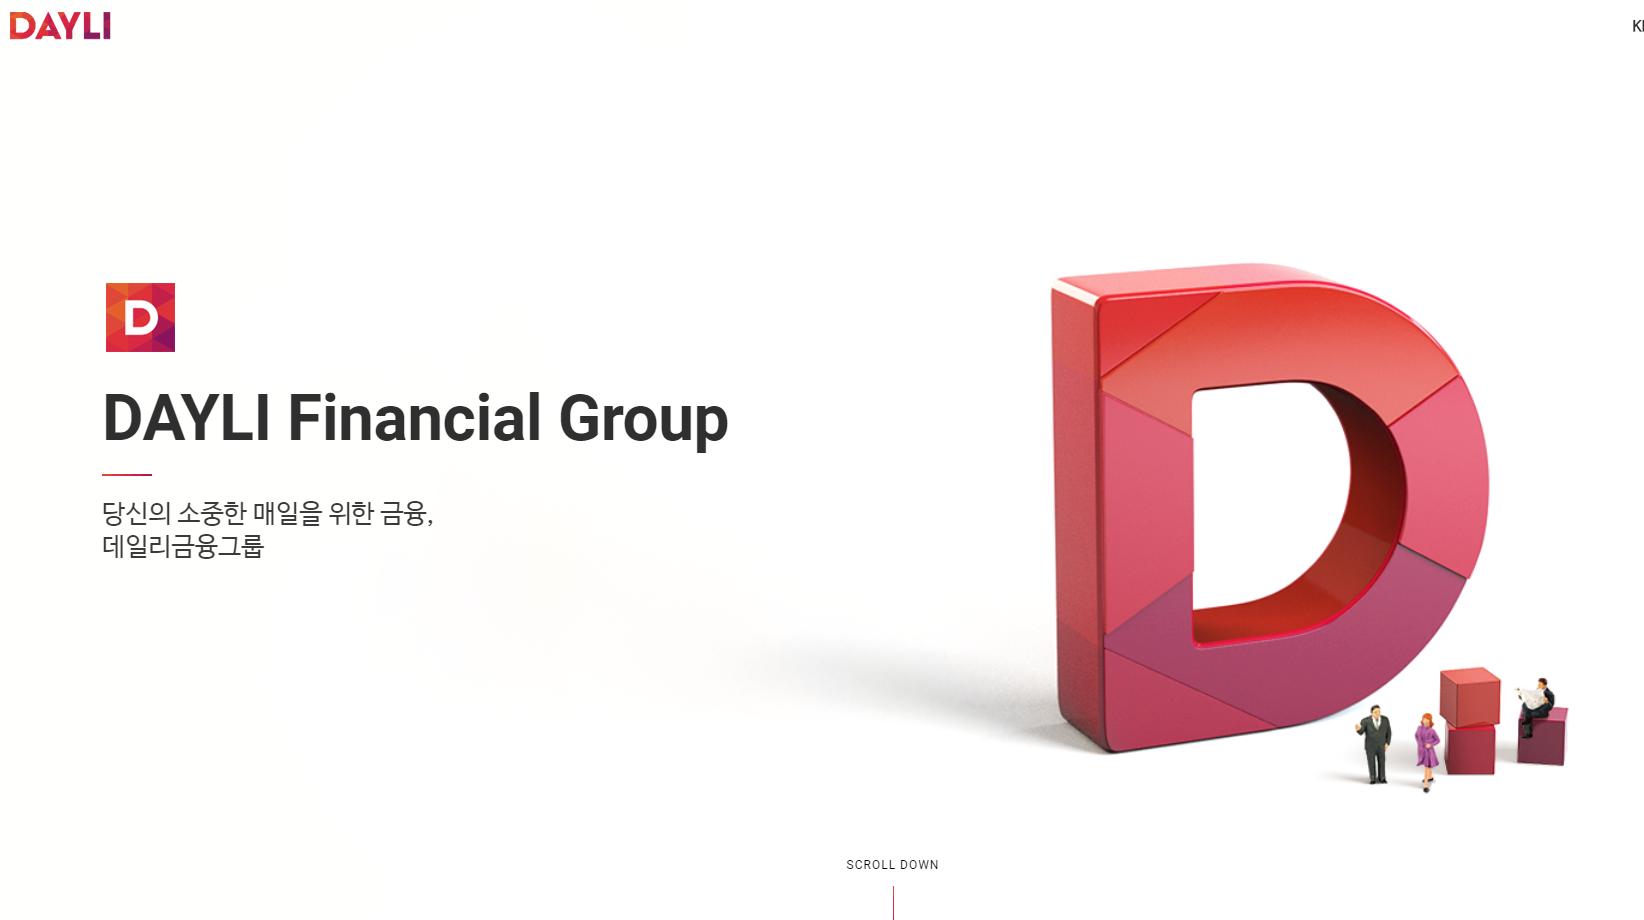 [데일리금융그룹] 데일리금융그룹 전략 인턴/신입/경력 모집